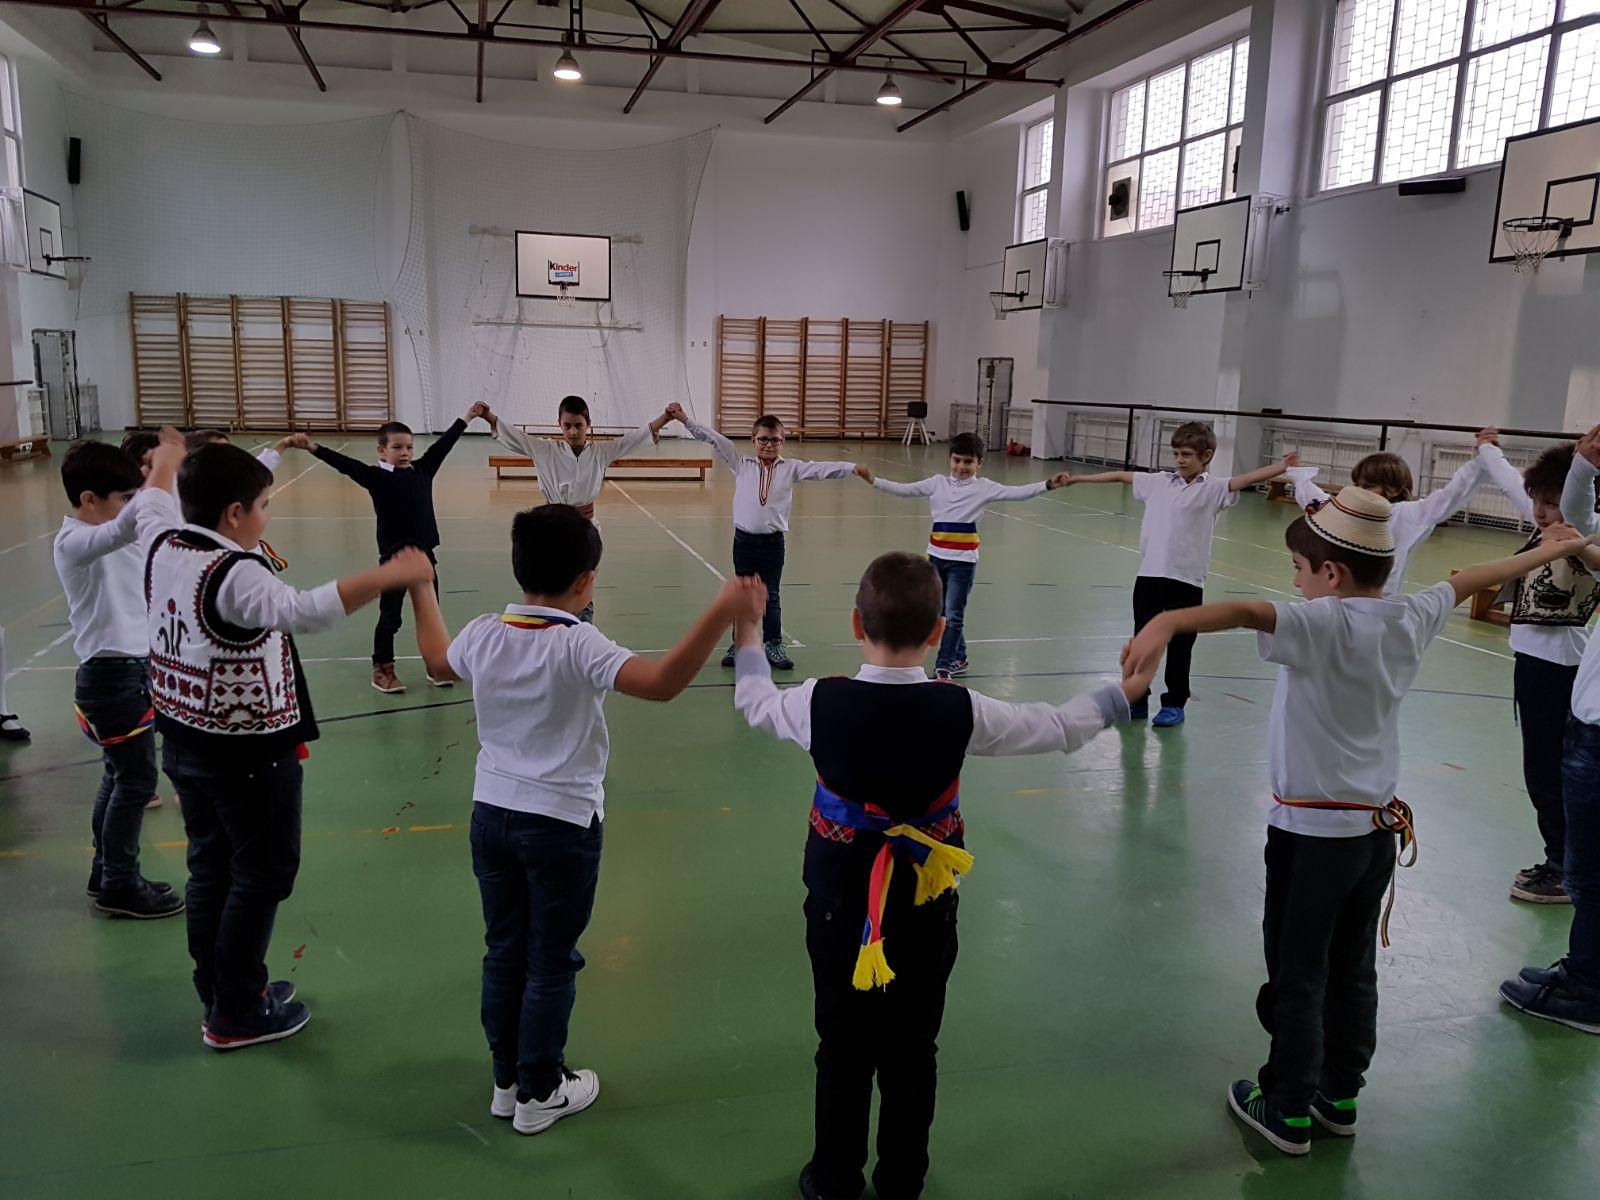 http://www.scoala12bucuresti.ro/site/wp-content/uploads/2017/12/13.jpg